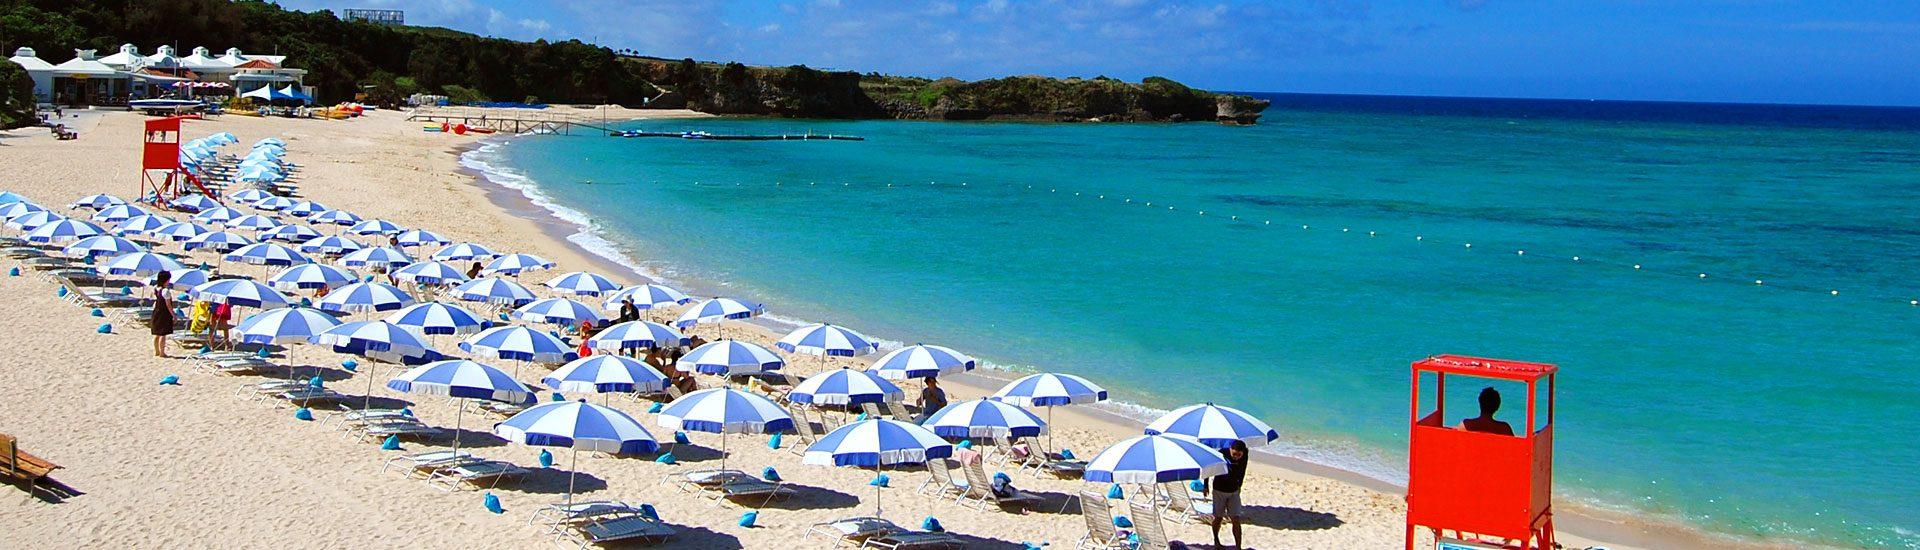 ホテル日航アリビラの魅力①天然ビーチ&屋内外のプール